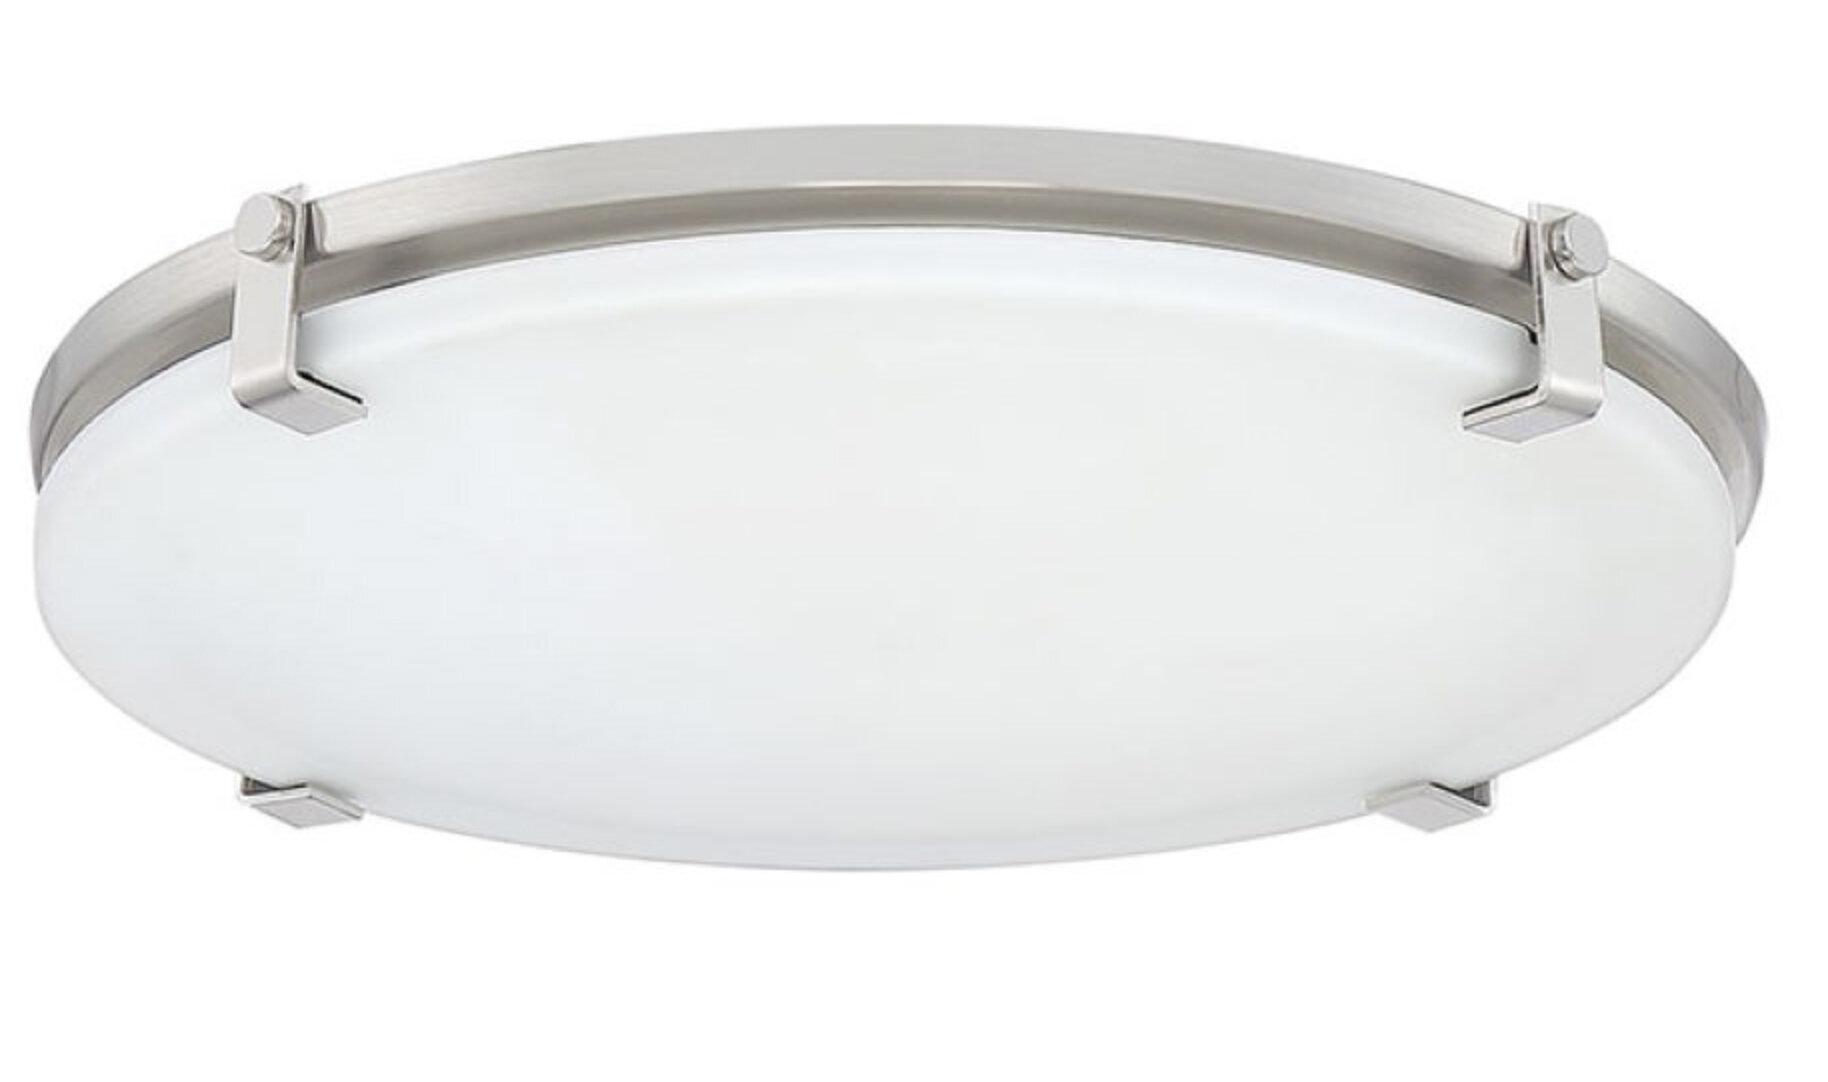 Craftmade 70 Cfm Bathroom Fan With Light Reviews Wayfair